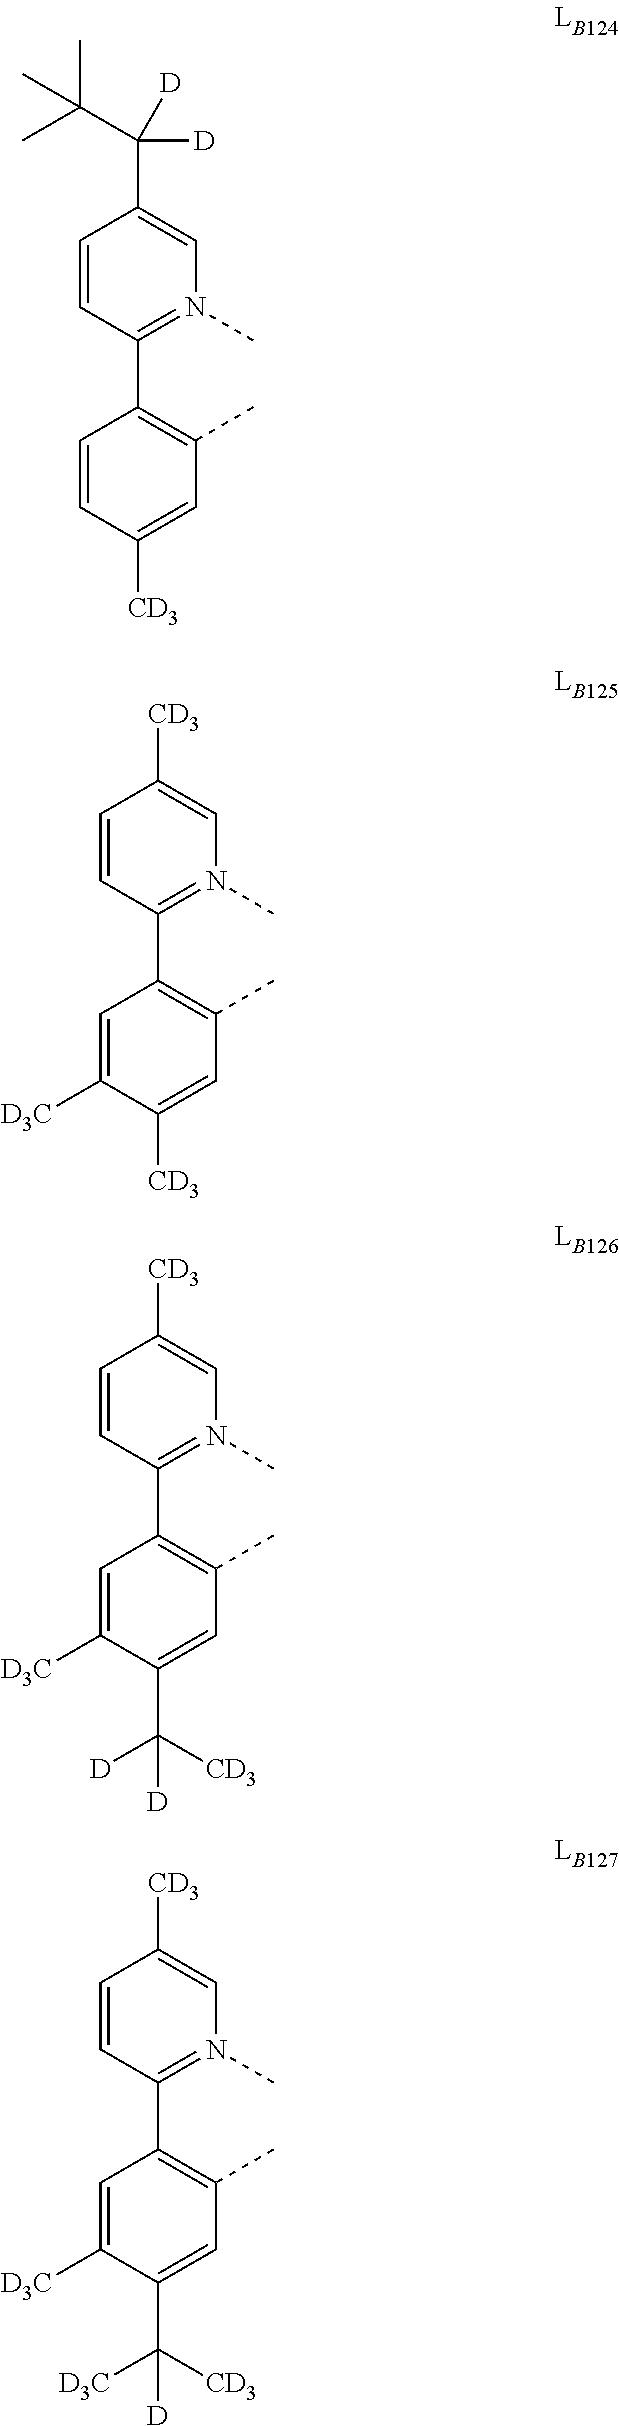 Figure US09929360-20180327-C00241